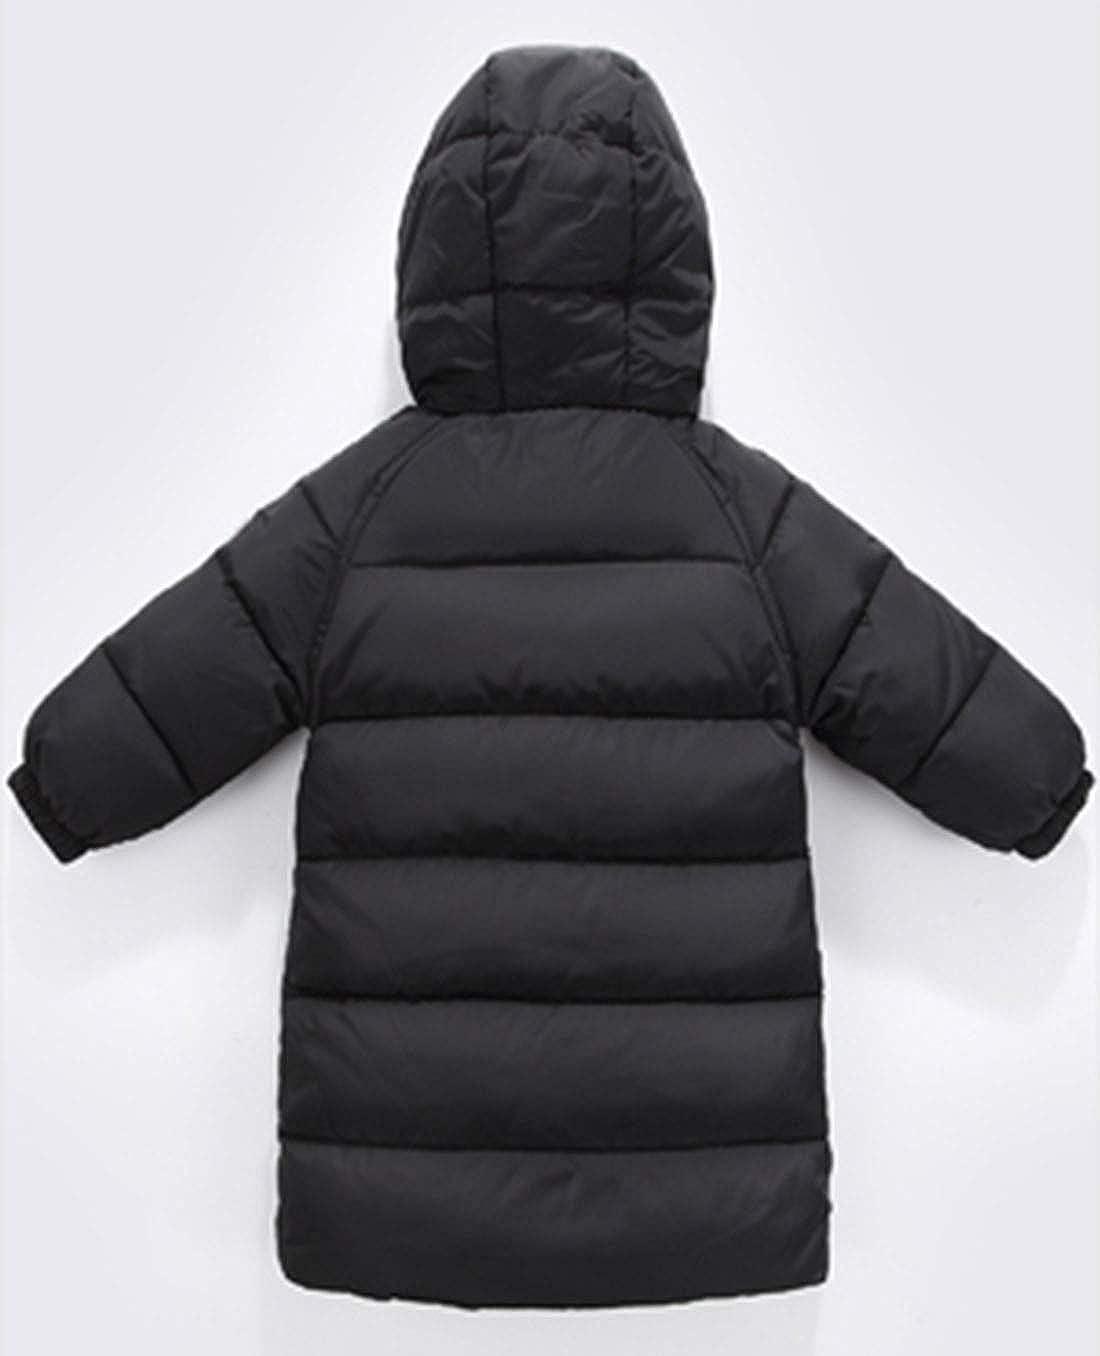 Boys Girls Lightweight Long Down Coat Warm Silky Windproof Outwear with Hood for 1-8T Kids